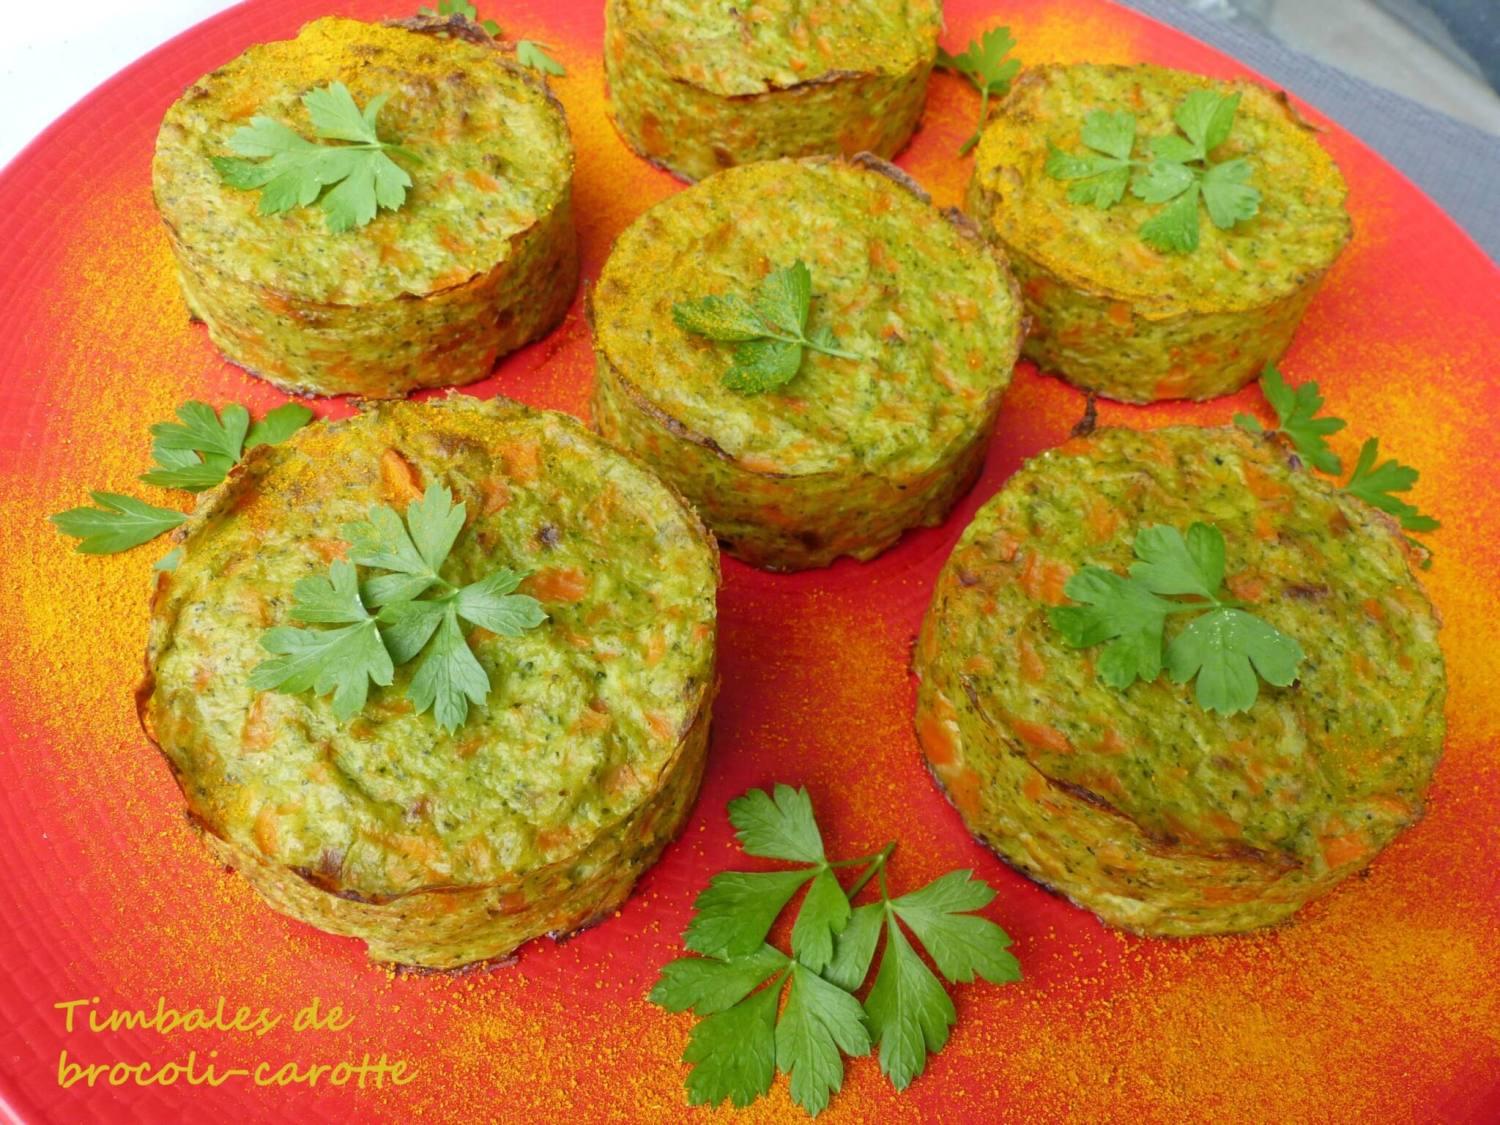 Timbales de brocoli-carotte P1260936 R